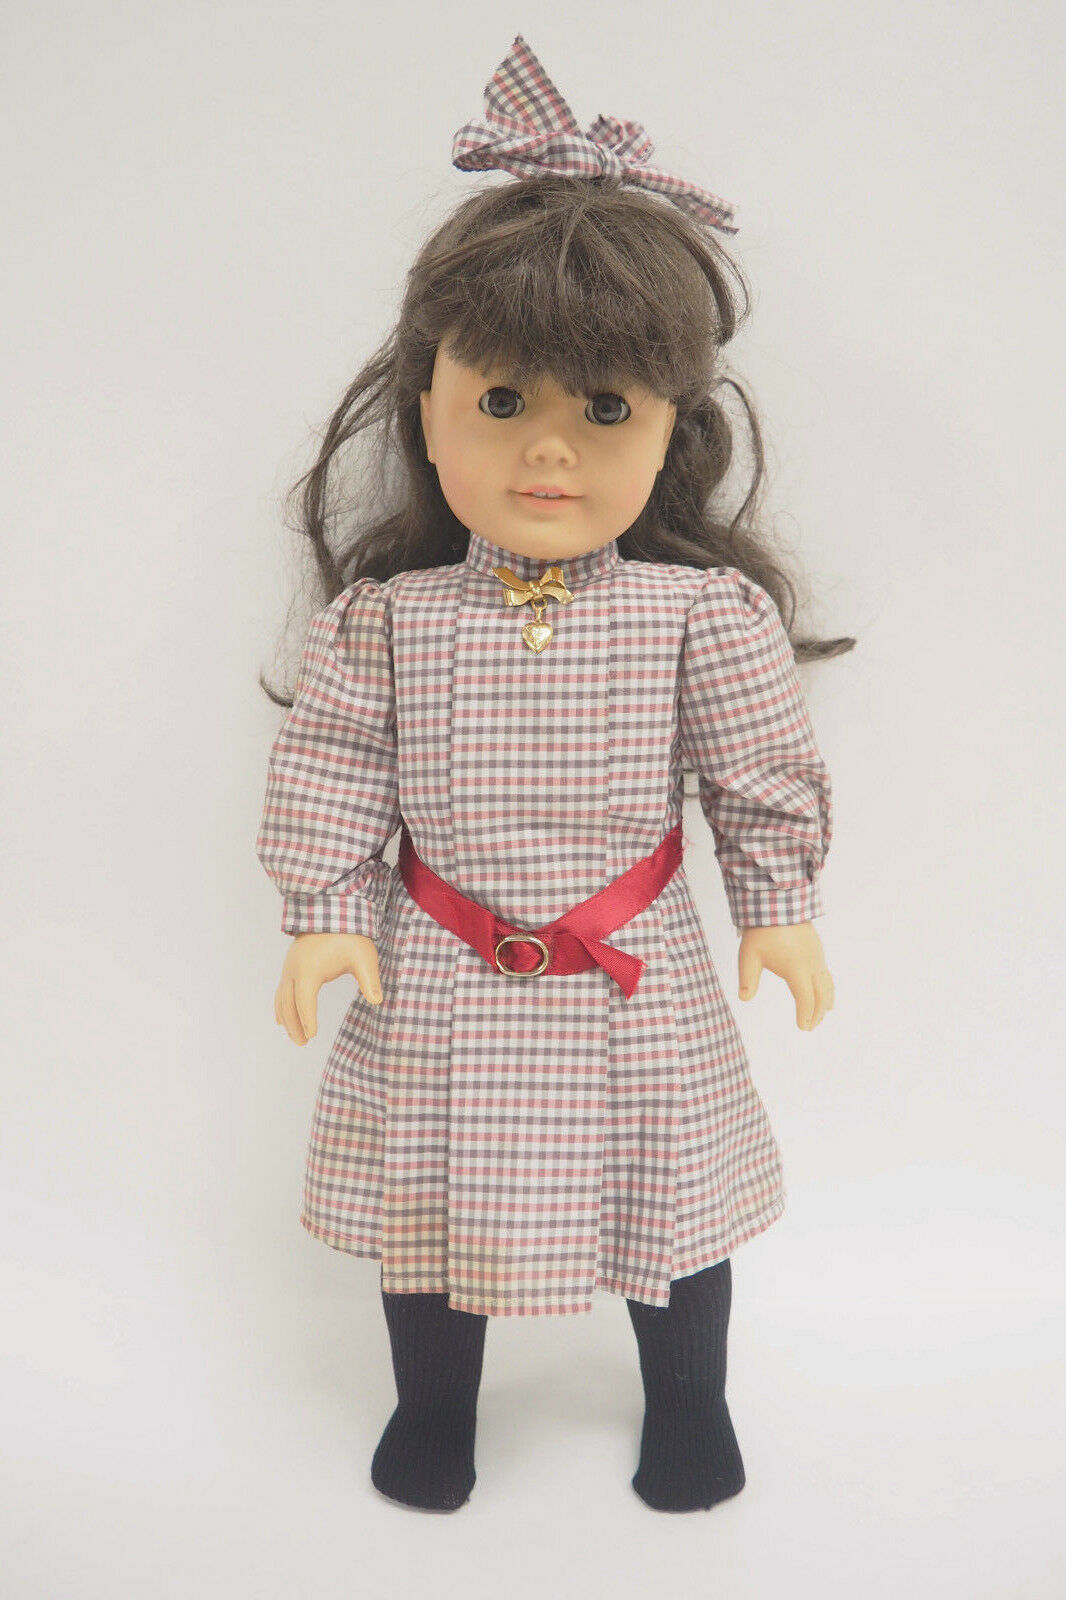 AMERICAN GIRL PLEASANT COMPANY SAMANTHA 18  DOLL w  ORIGINAL DRESS - 1986